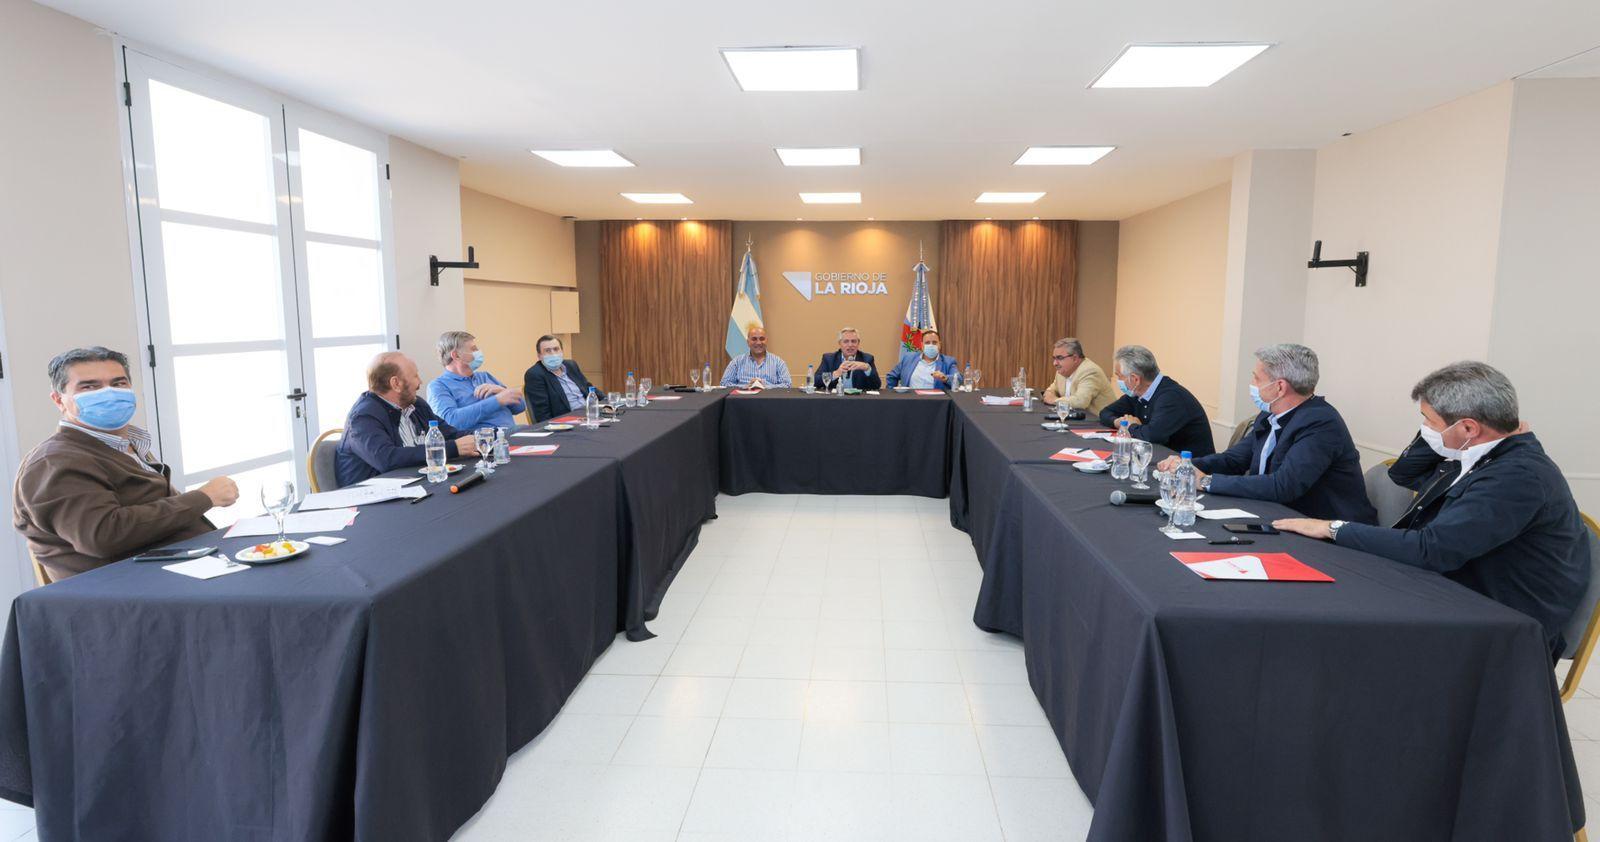 Alberto Fernández reunido con gobernadores del PJ en La Rioja.